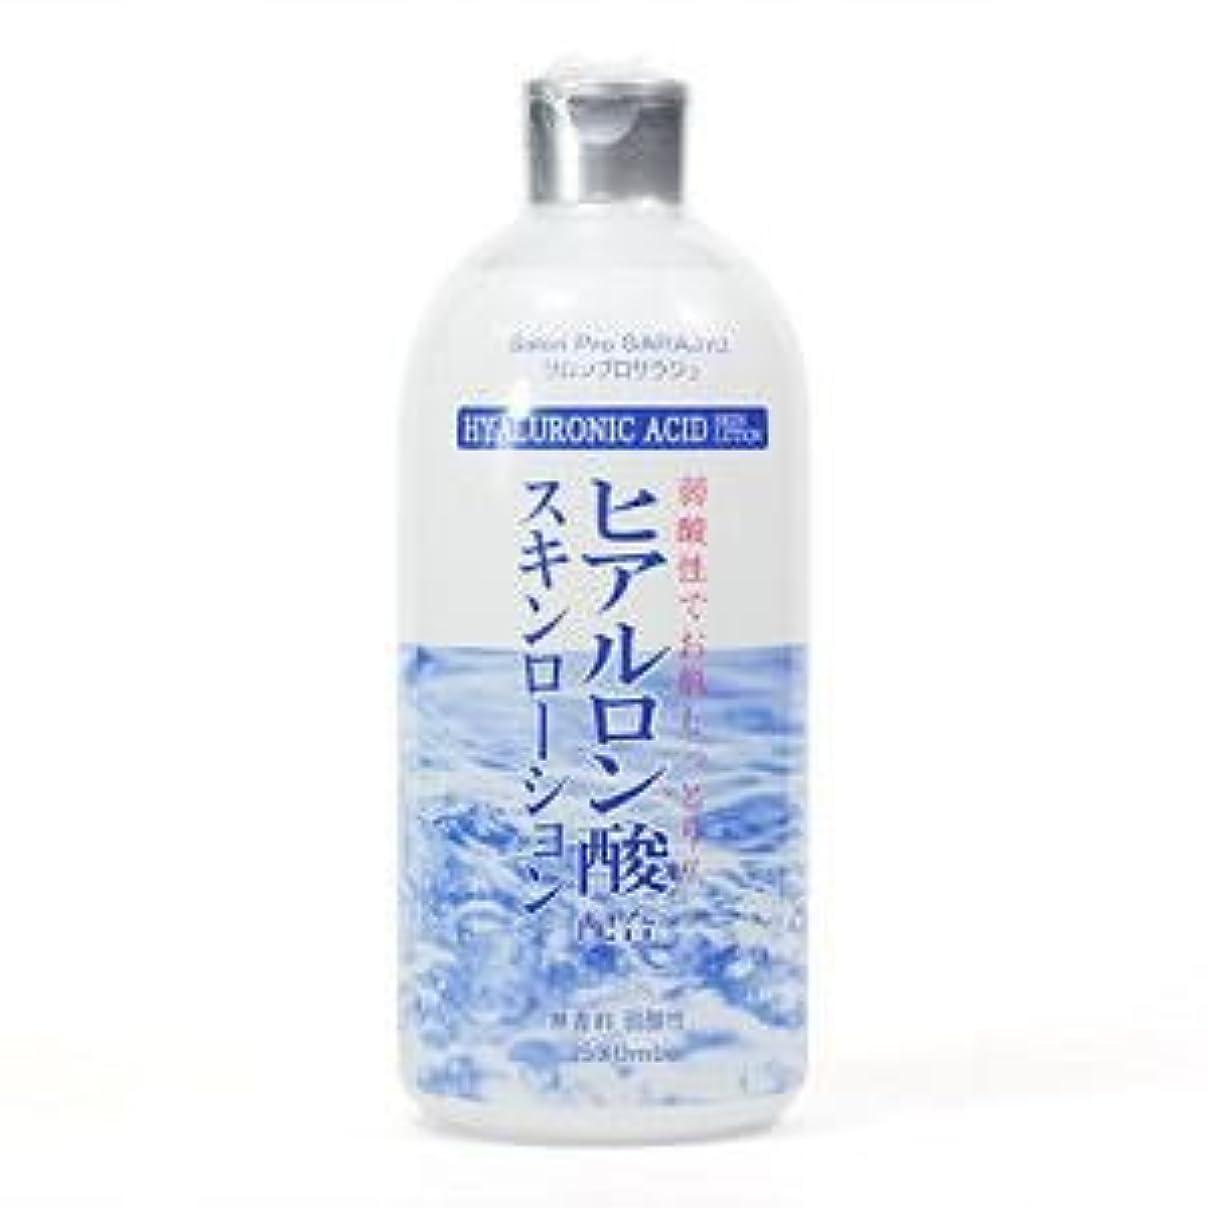 生命体広がり書士サロンプロサラジュ スキンローション ヒアルロン酸 500ml